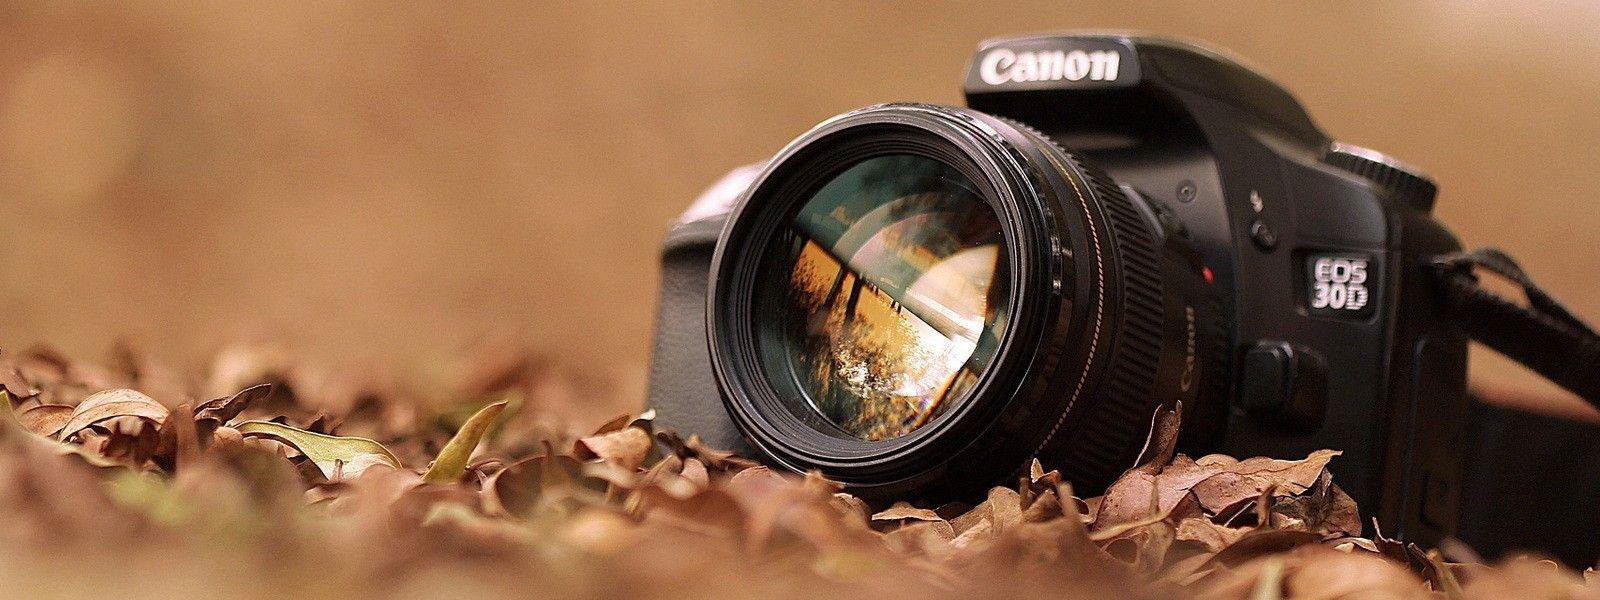 عکس بنر پست انواع عکاسی از اجسام بی جان و عکاسی از محصول